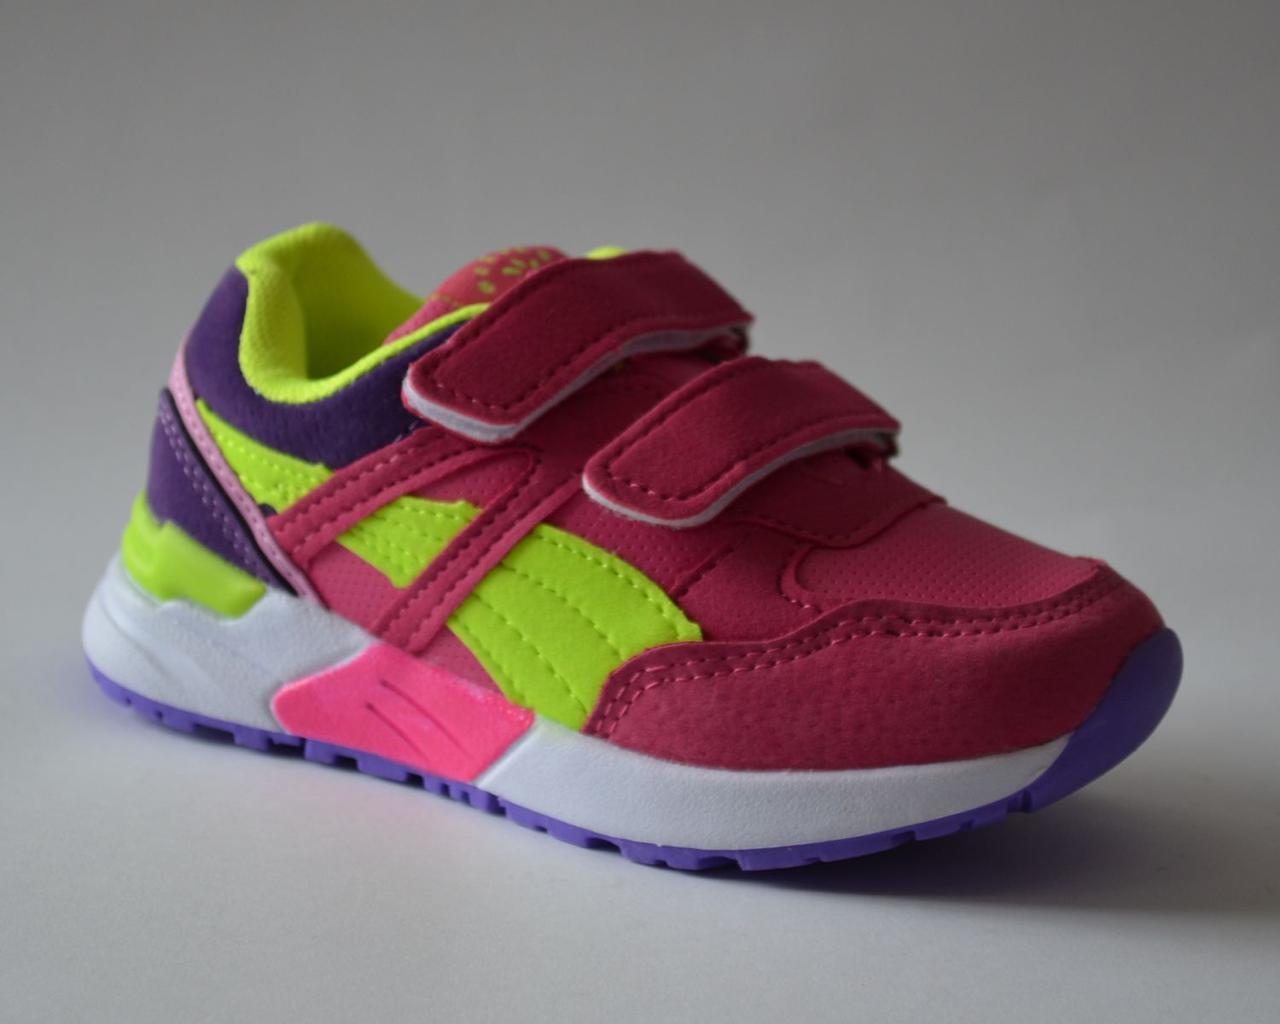 3b11f0e8 Модные и яркие кроссовки на девочку KLF 27-30 р., цена 319 грн ...